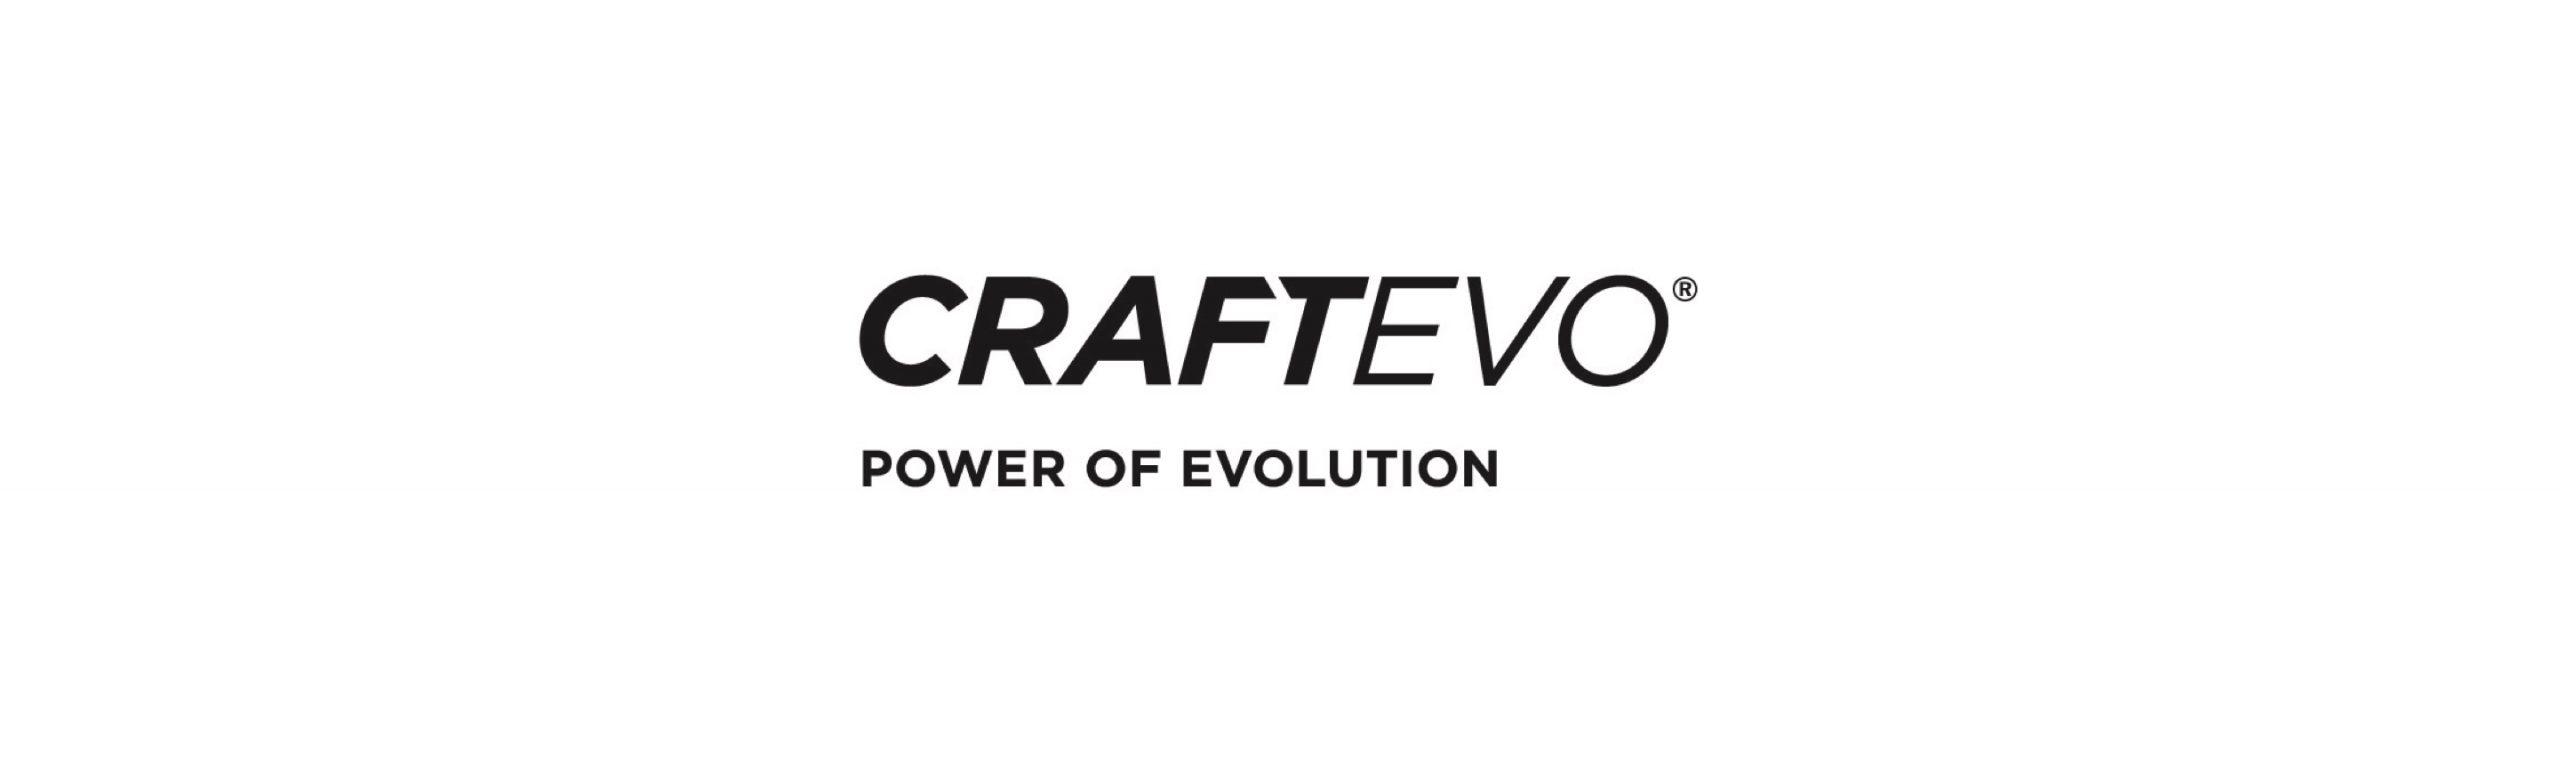 pascher-heinz-craft-evo-launch-logo-02